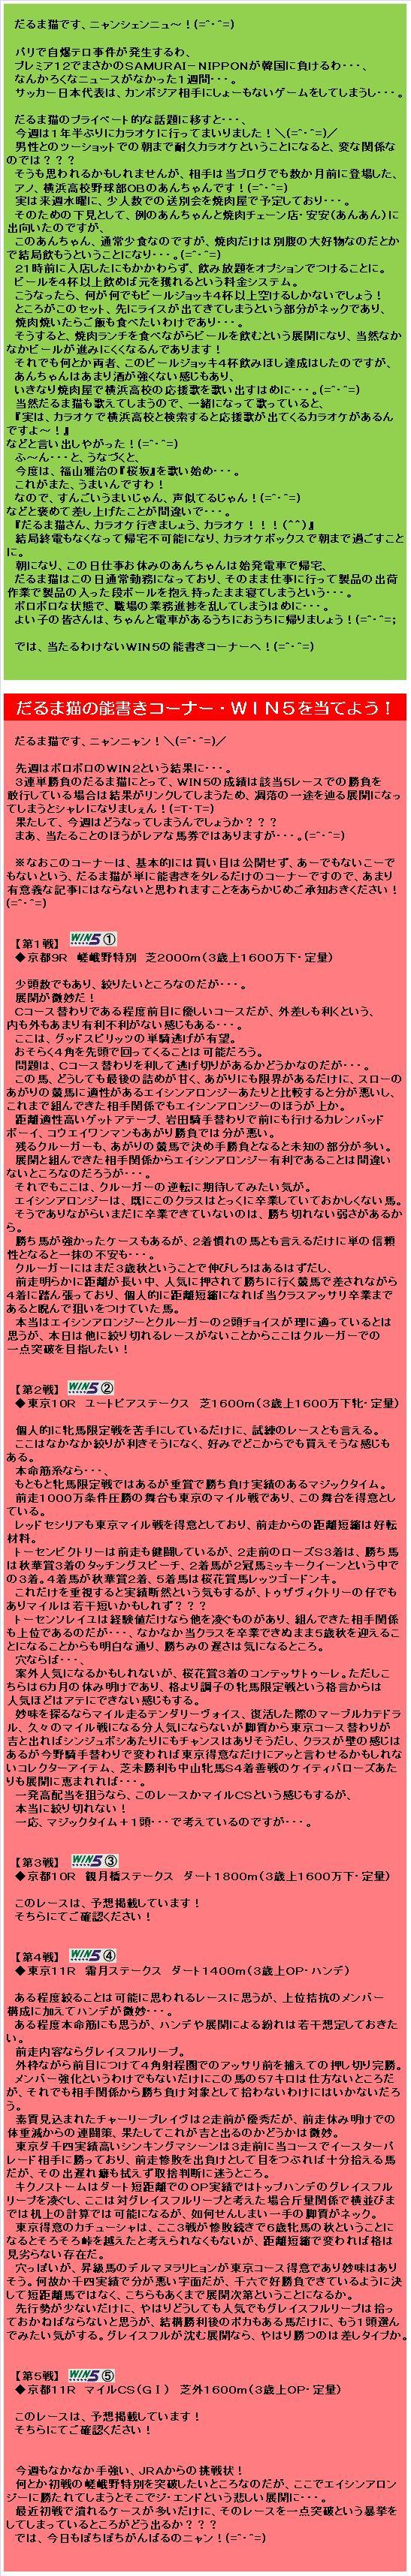 20151122・だるま猫の馬魂☆ヘッダー①.jpg